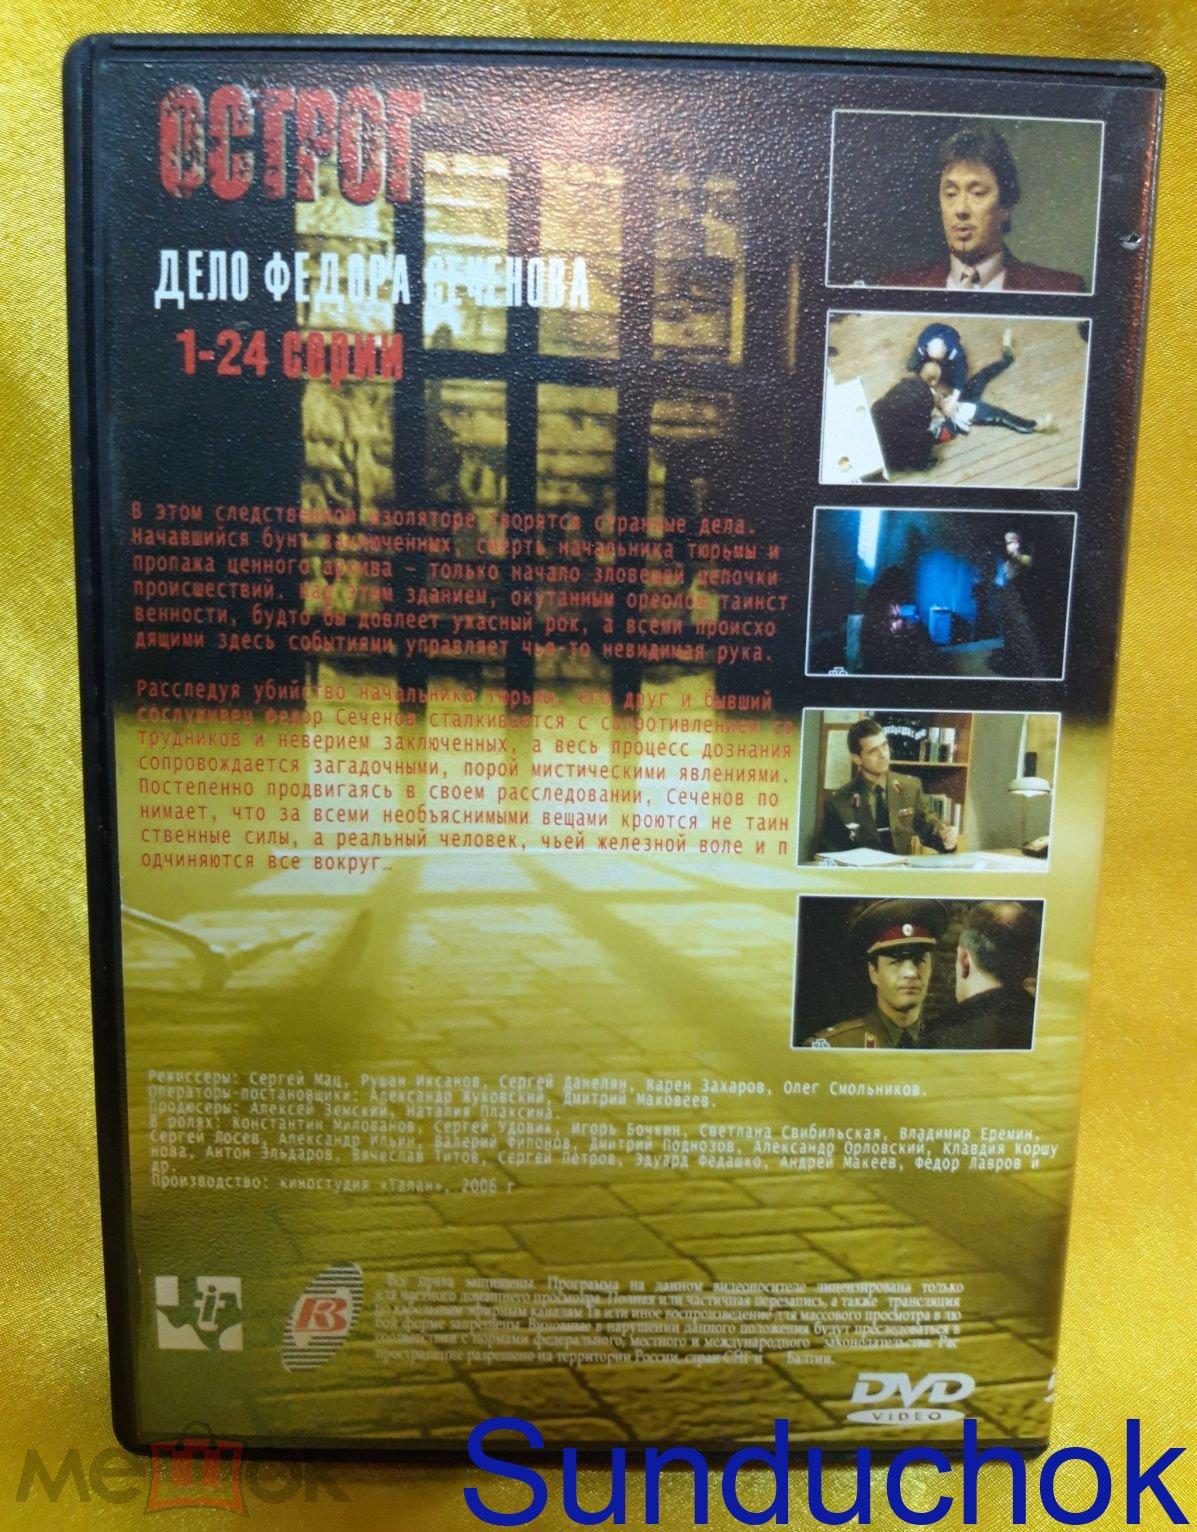 """DVD Video. Сериал """"Острог"""" Дело Федора Сеченова. 1-24 серии. Двухсторонний."""